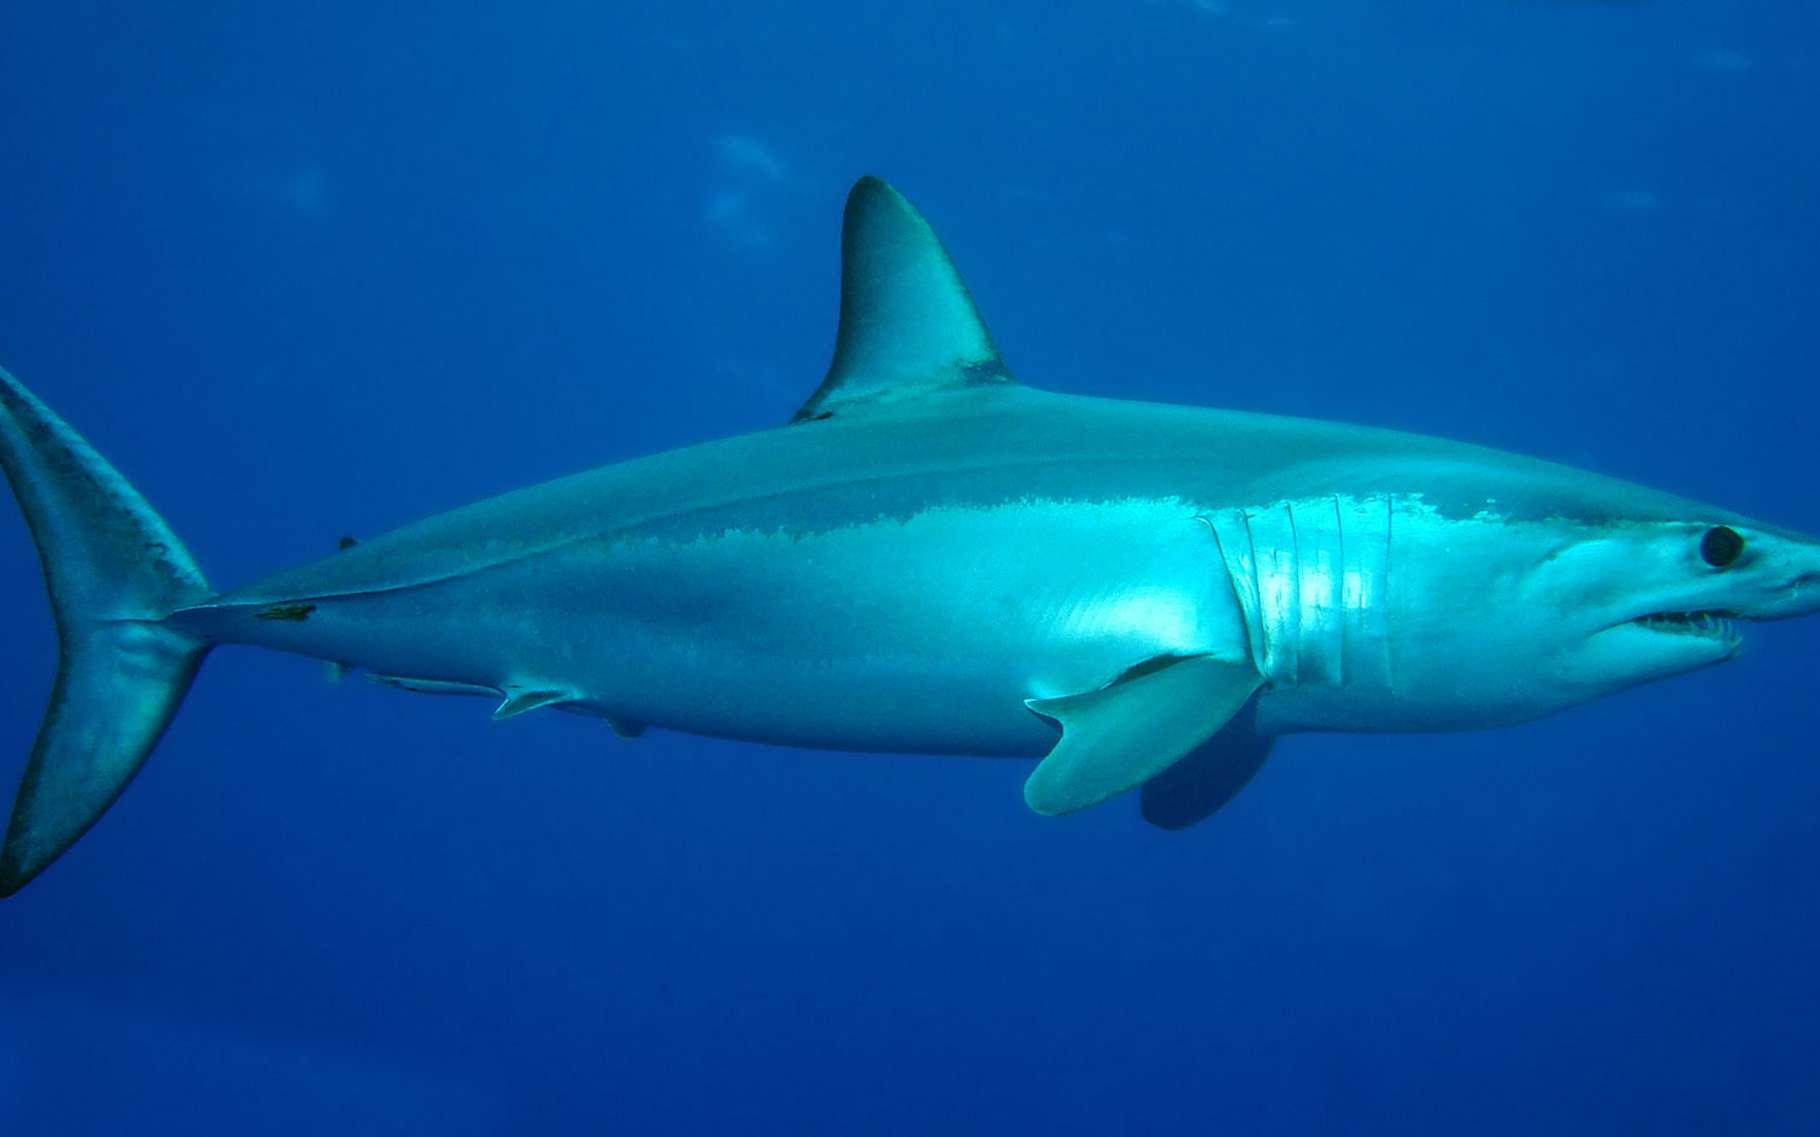 Petite fusée des mers, le requin mako (Isurus oxyrinchus), aussi appelé requin taupe bleu à cause de la couleur bleu foncé de son dos, est le requin le plus rapide du monde : ses accélérations subites peuvent lui faire atteindre la vitesse de 18,8 mètres par seconde, soit près de 70 km/h. Il peut remercier pour cela son nez pointu qui vient coiffer un corps fuselé de 4 m de long environ, que termine une queue en forme de croissant.Très consommé, pour sa viande, ses ailerons et son huile de foie, le requin mako est menacé par la surpêche. Il est classé en tant qu'espèce vulnérable sur la liste rouge de l'UICN.© Patrick Doll CC By-SA 3.0